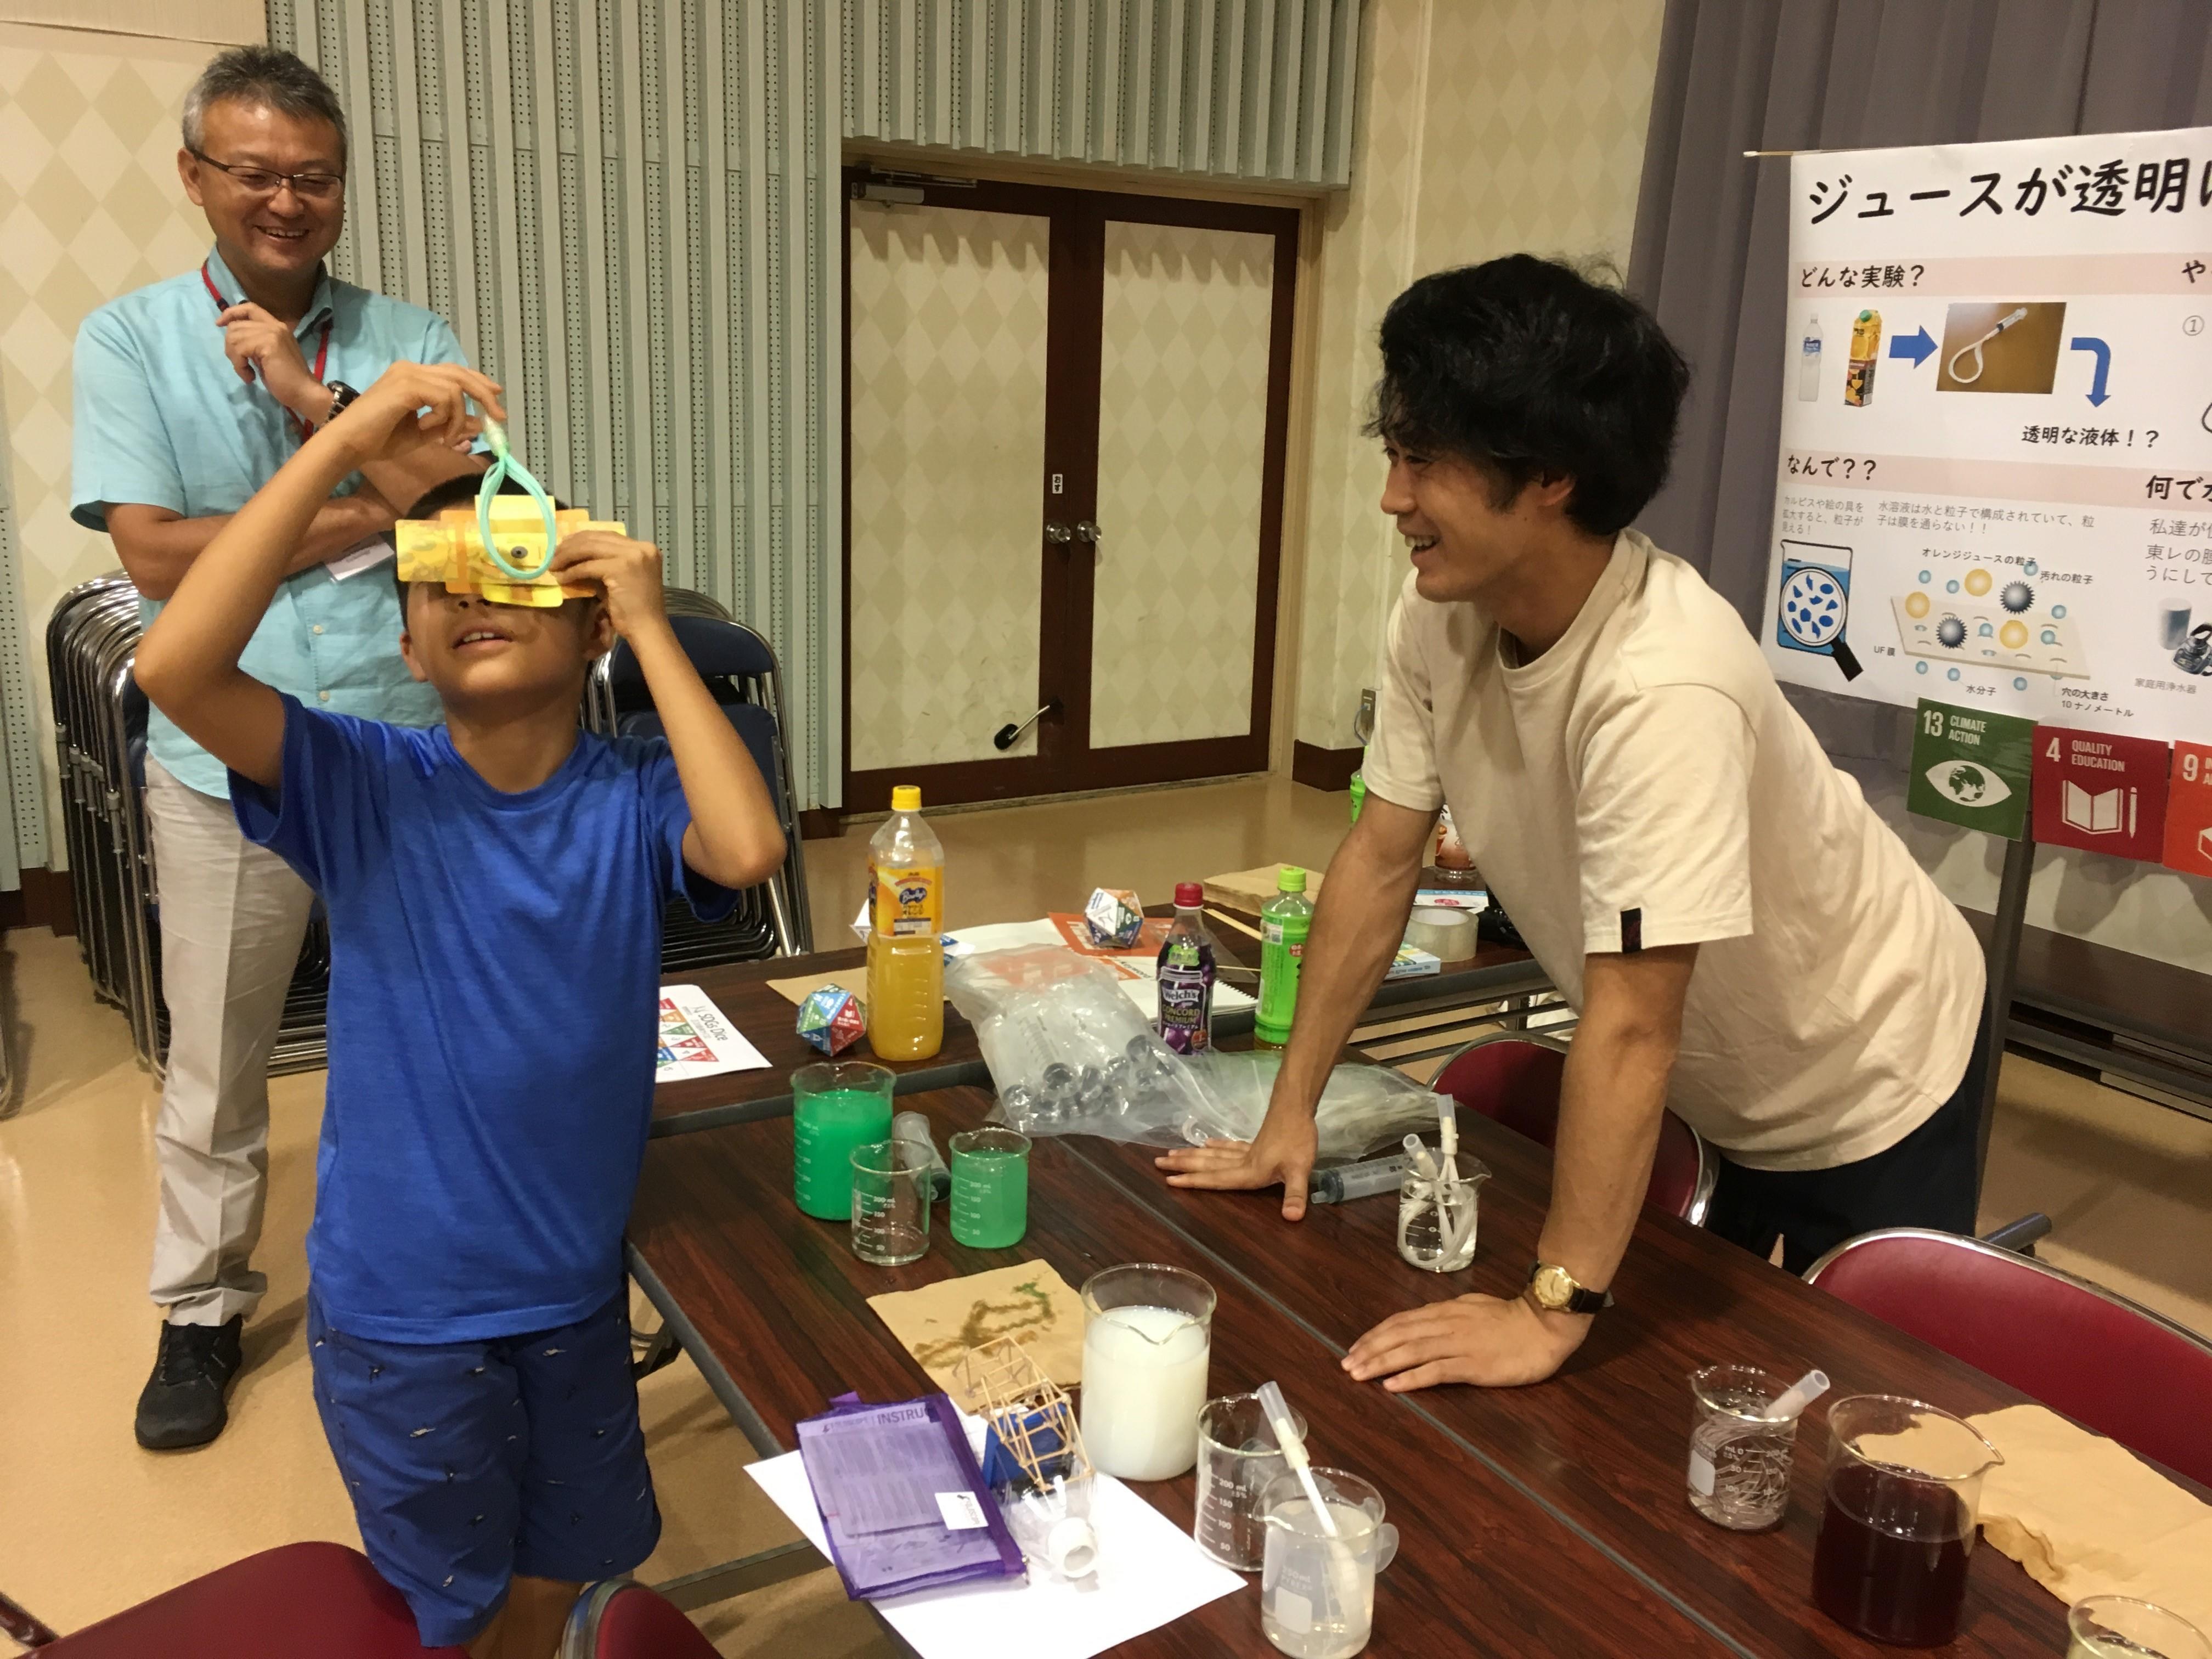 nagashima_science01.jpg